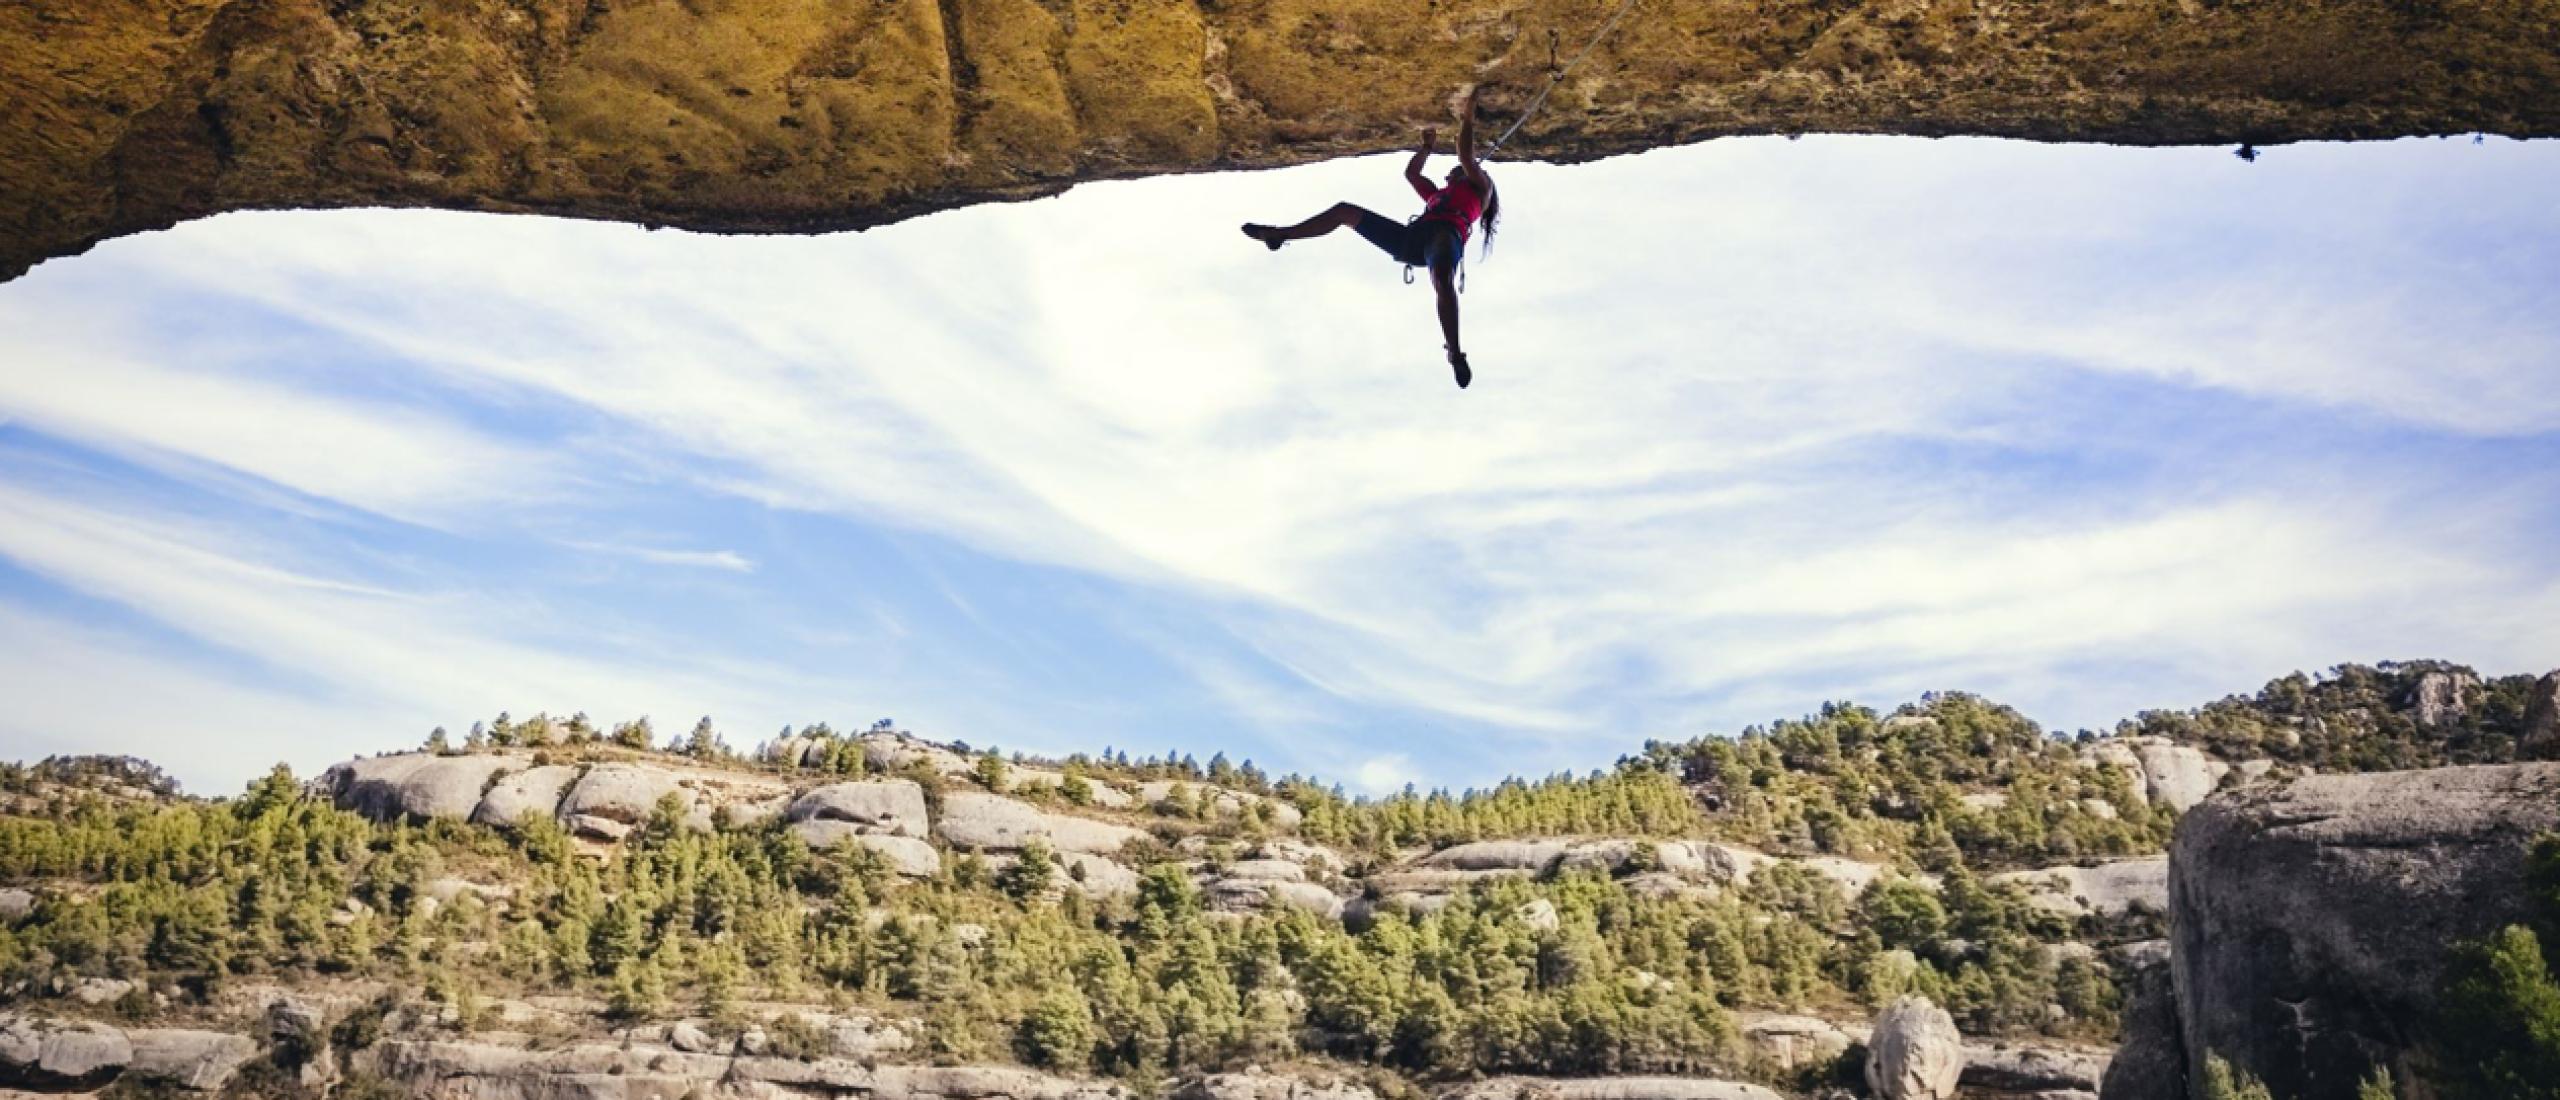 Jonge beleggers nemen vaker grote risico's